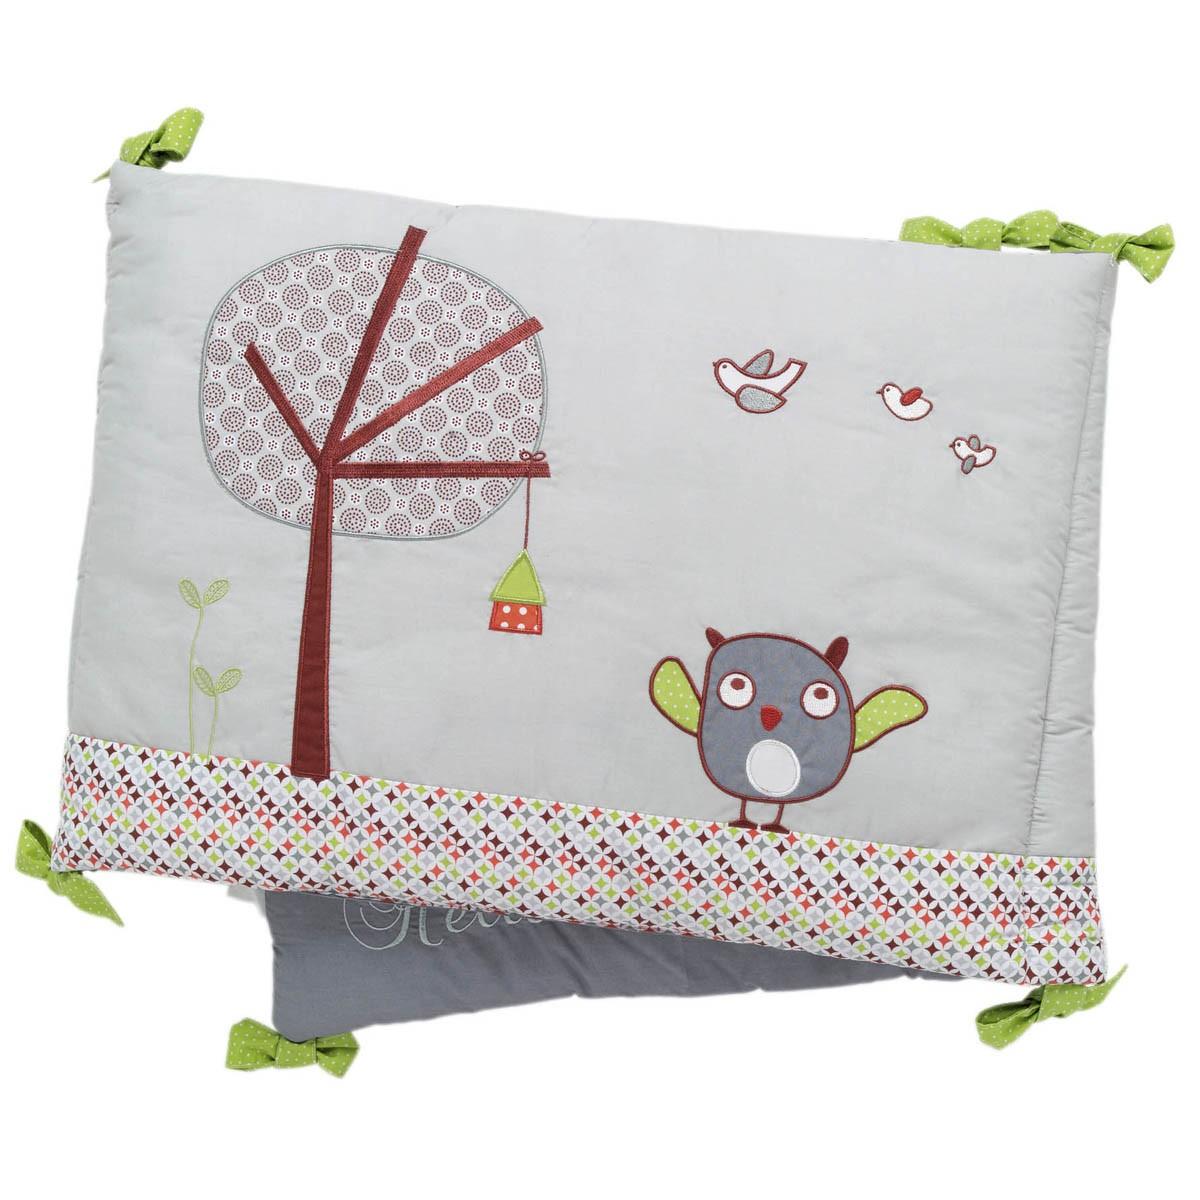 Tour de lit chouette chambre fille orange rose tour de lit mauve thme oiseaux ribambelles with - Tour de lit bebe fille pas cher ...